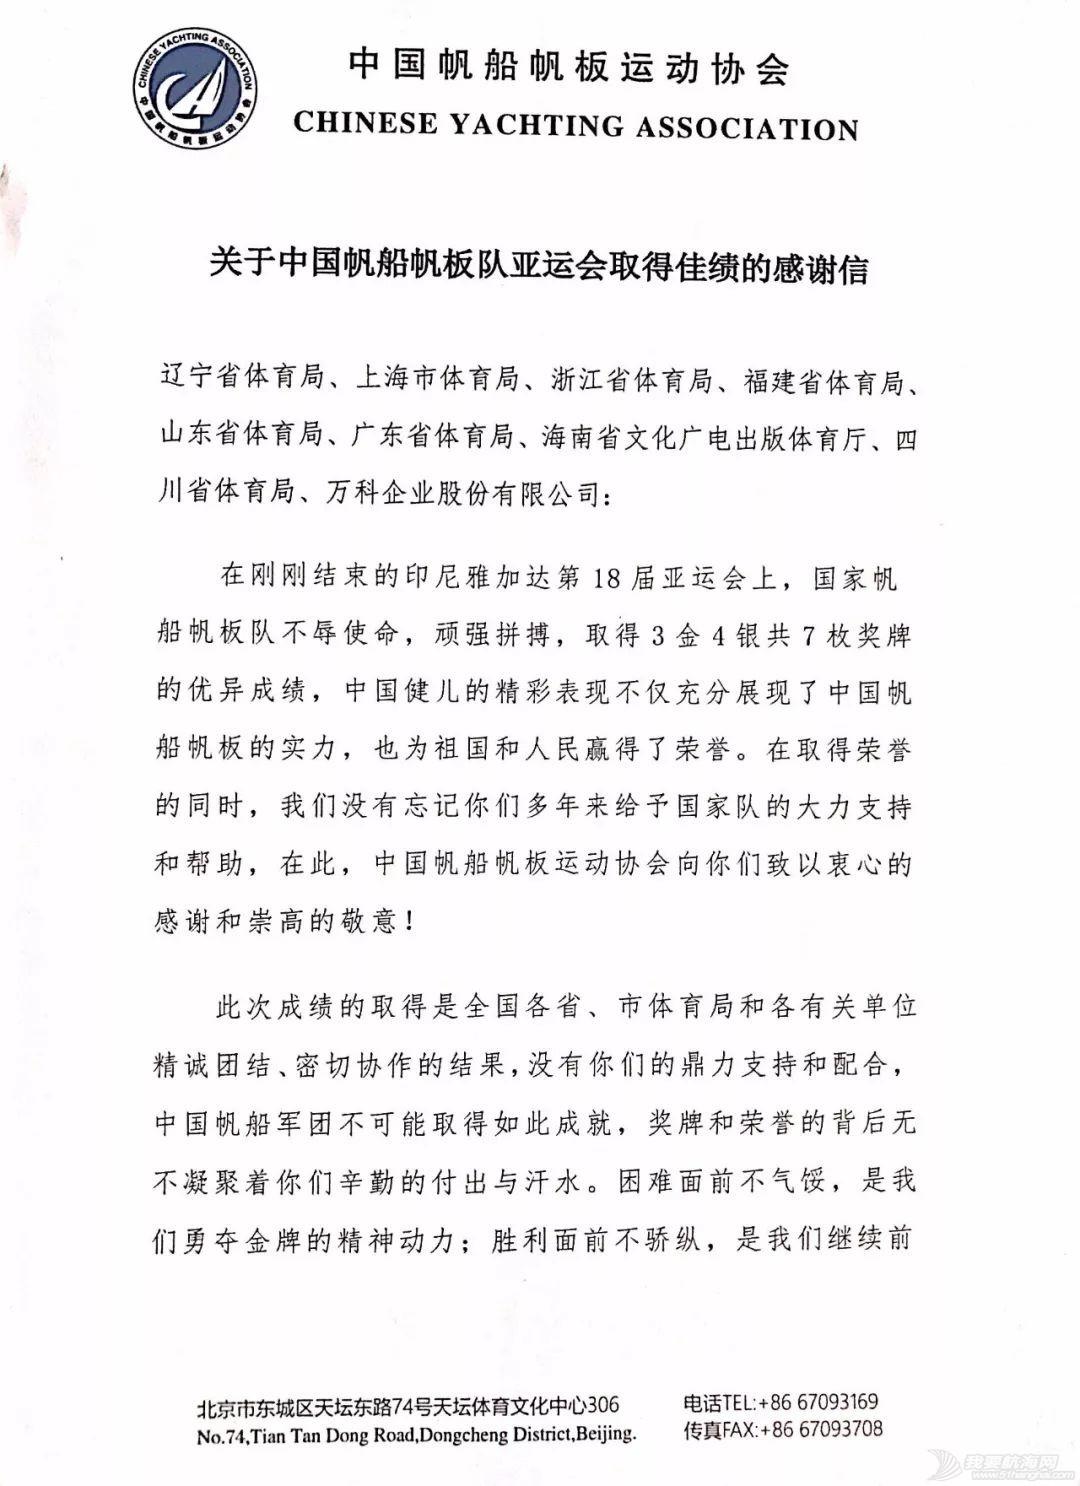 关于中国帆船帆板队亚运会取得佳绩的感谢信w2.jpg